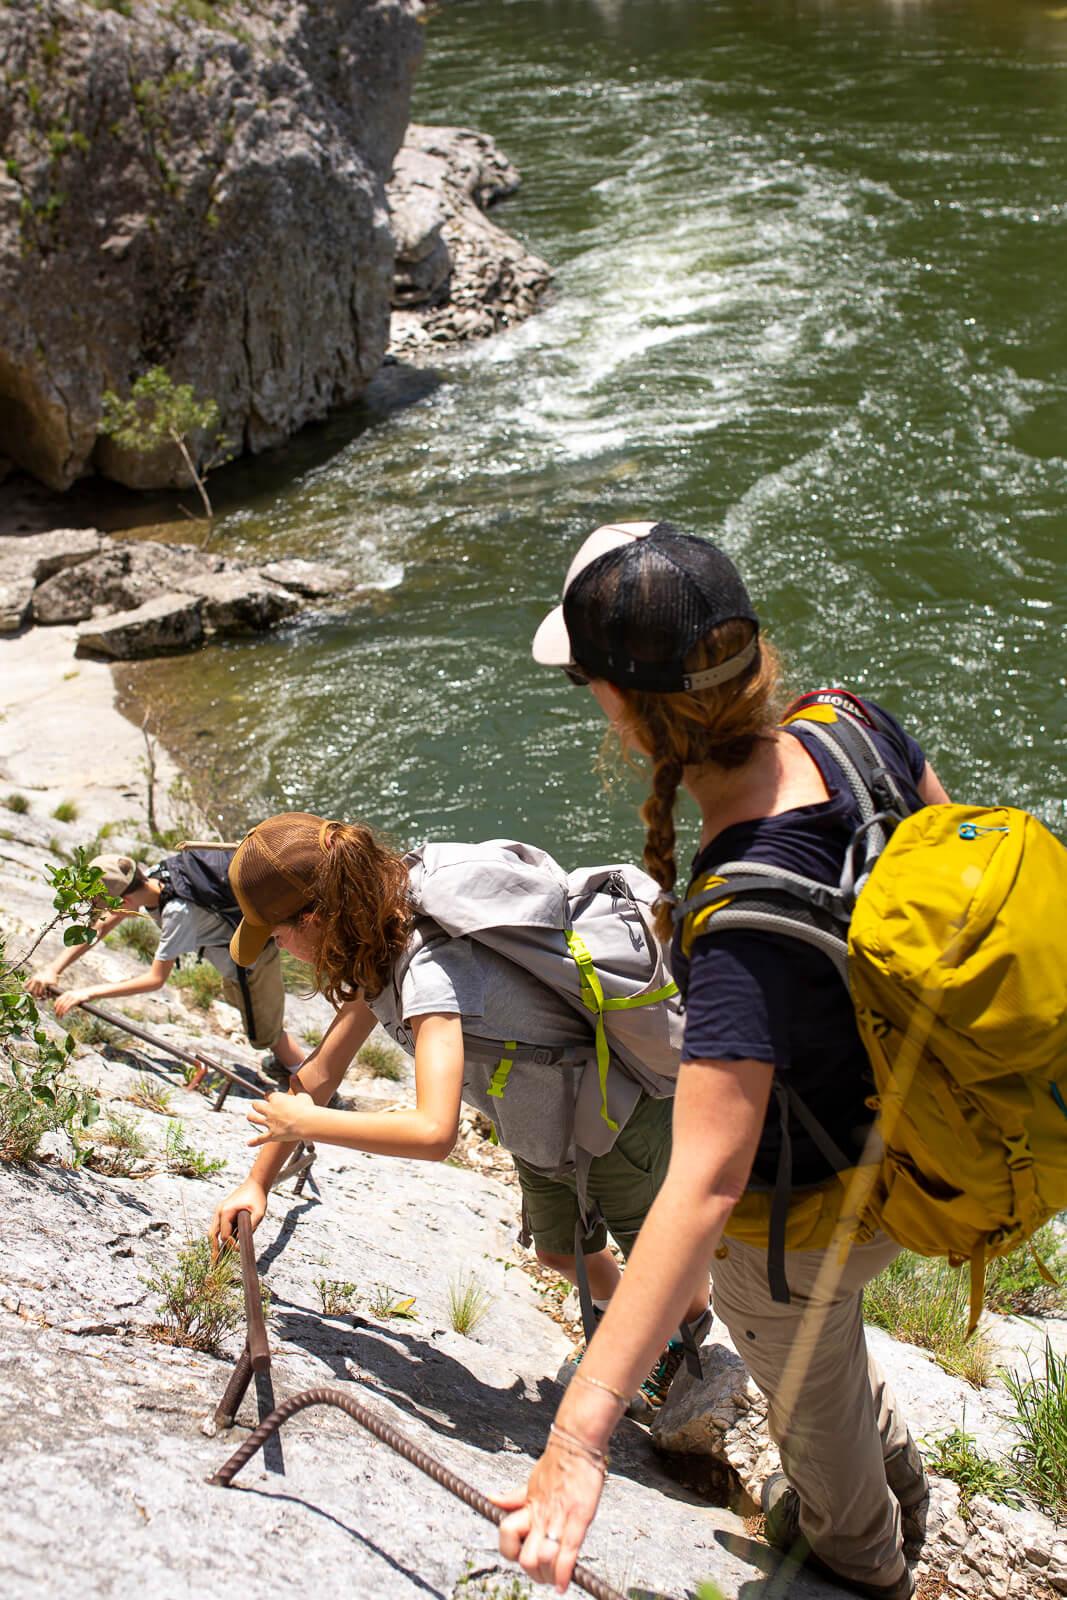 Randonnée en famille dans les Gorges de l'Ardèche - passage des échelles